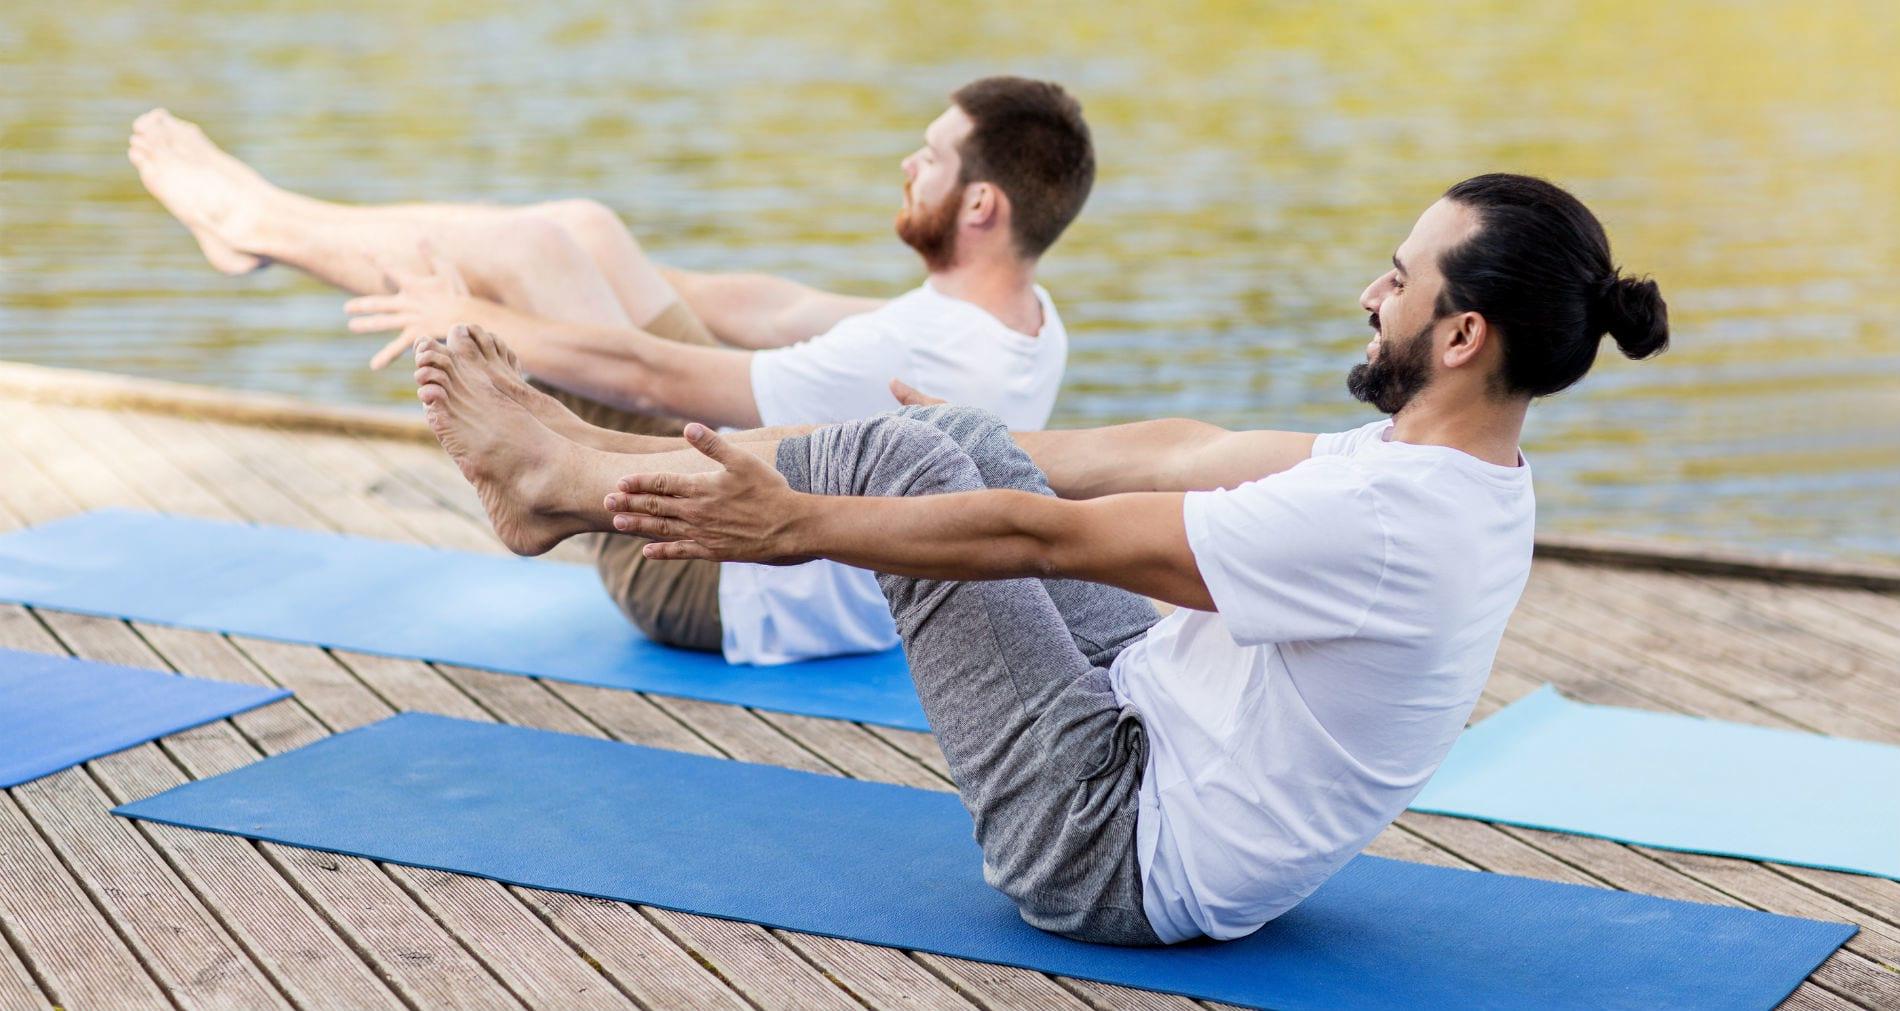 Упражнения при аденоме простаты: основные виды, техника выполнения, противопоказания